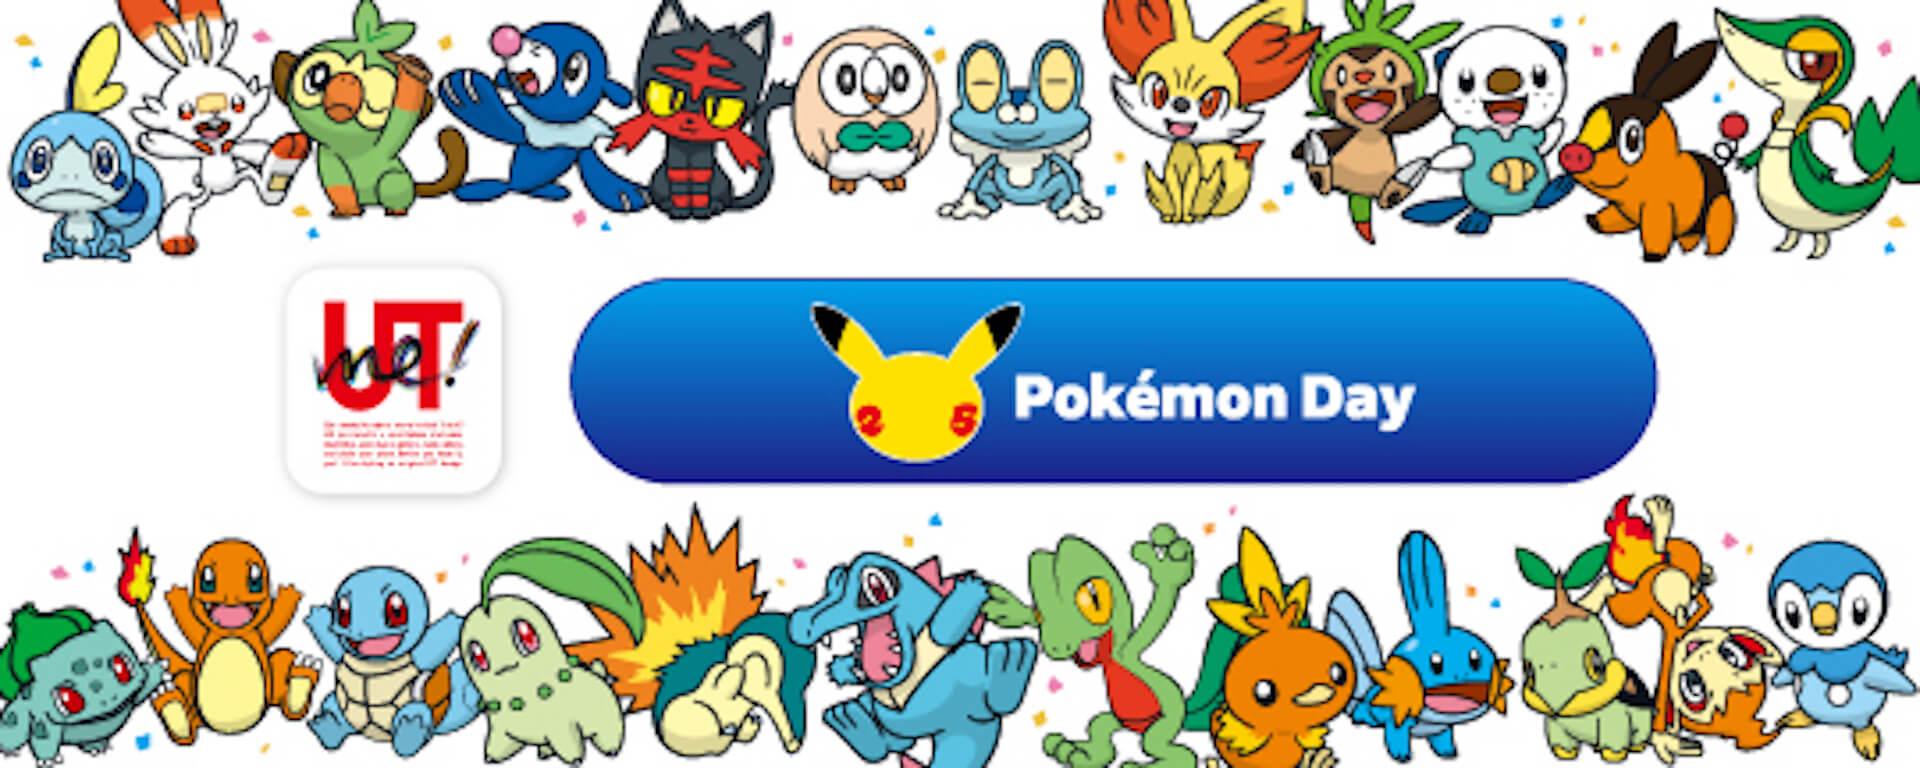 2月27日は「Pokémon Day」25周年!『ポケモン ソード・シールド』、『Pokémon GO』などで新企画が満載 art210219_pokemonday_3